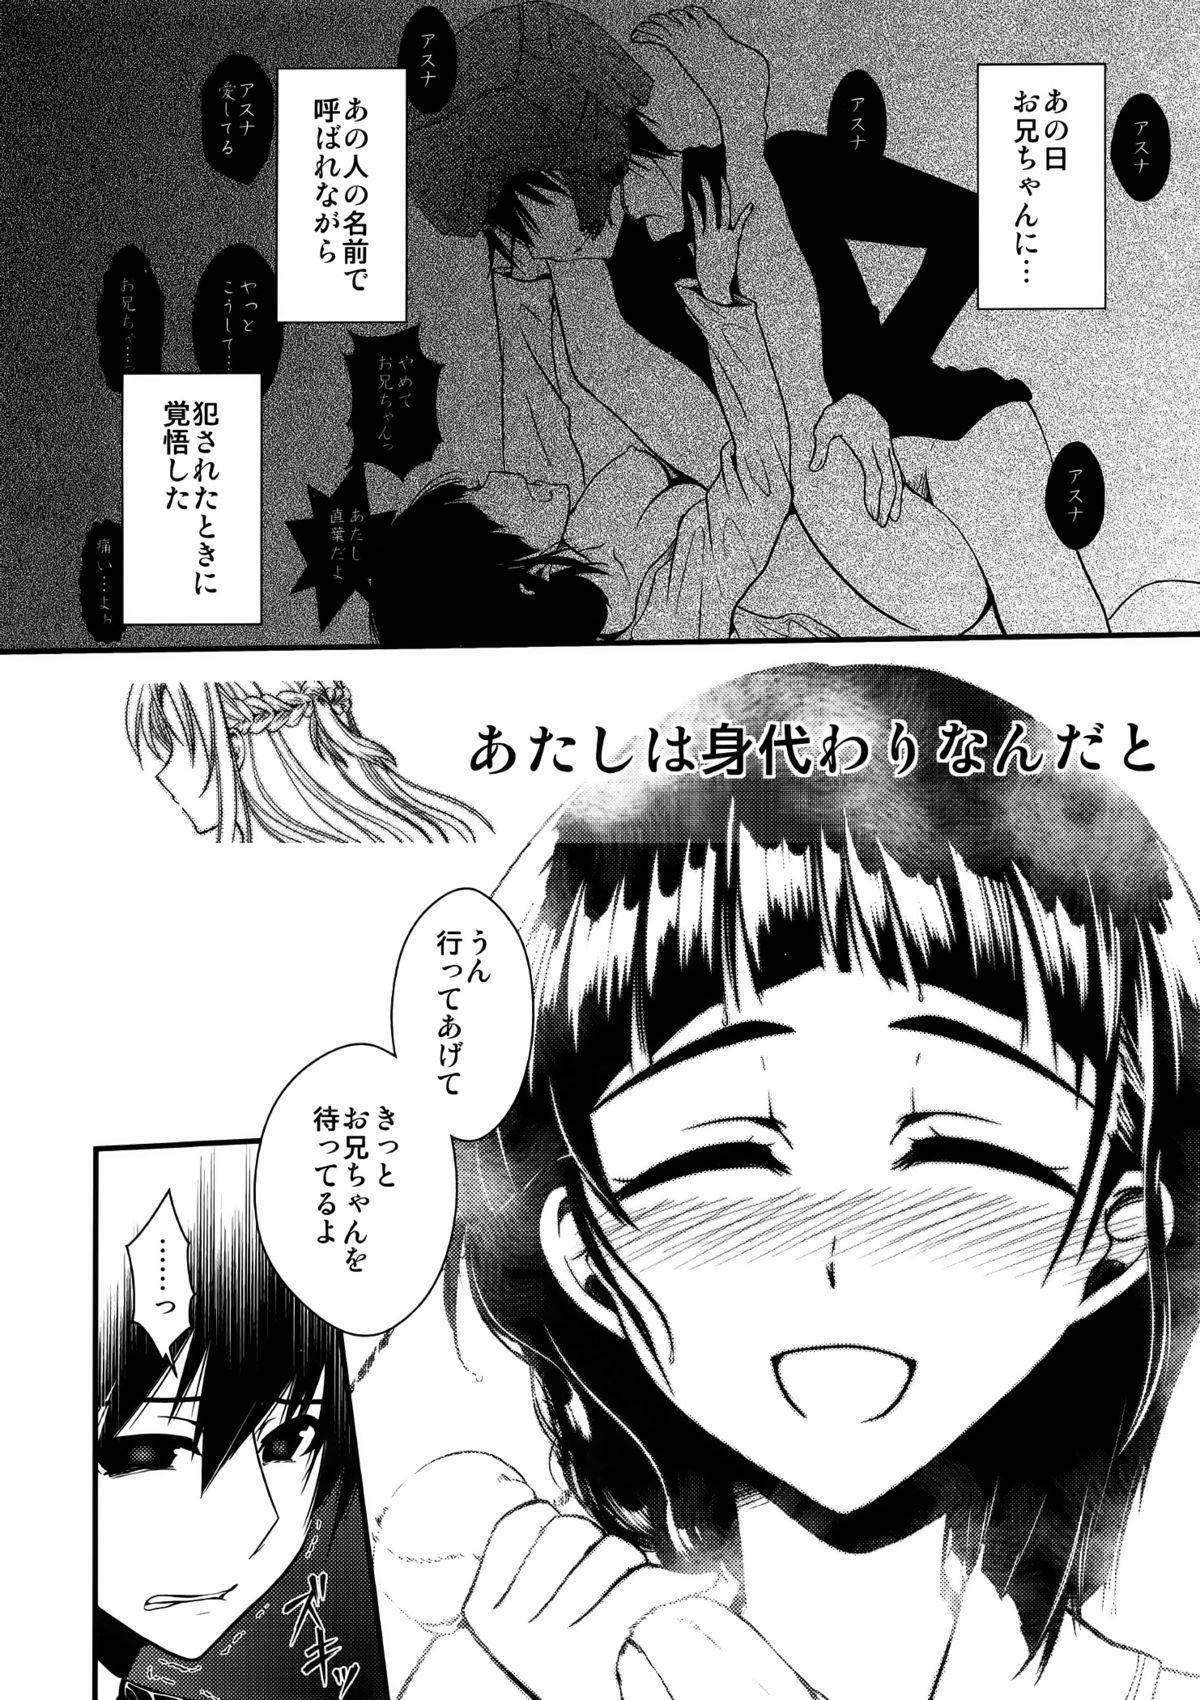 Wakuraba Ochite Kimi Idaku Hibi 32